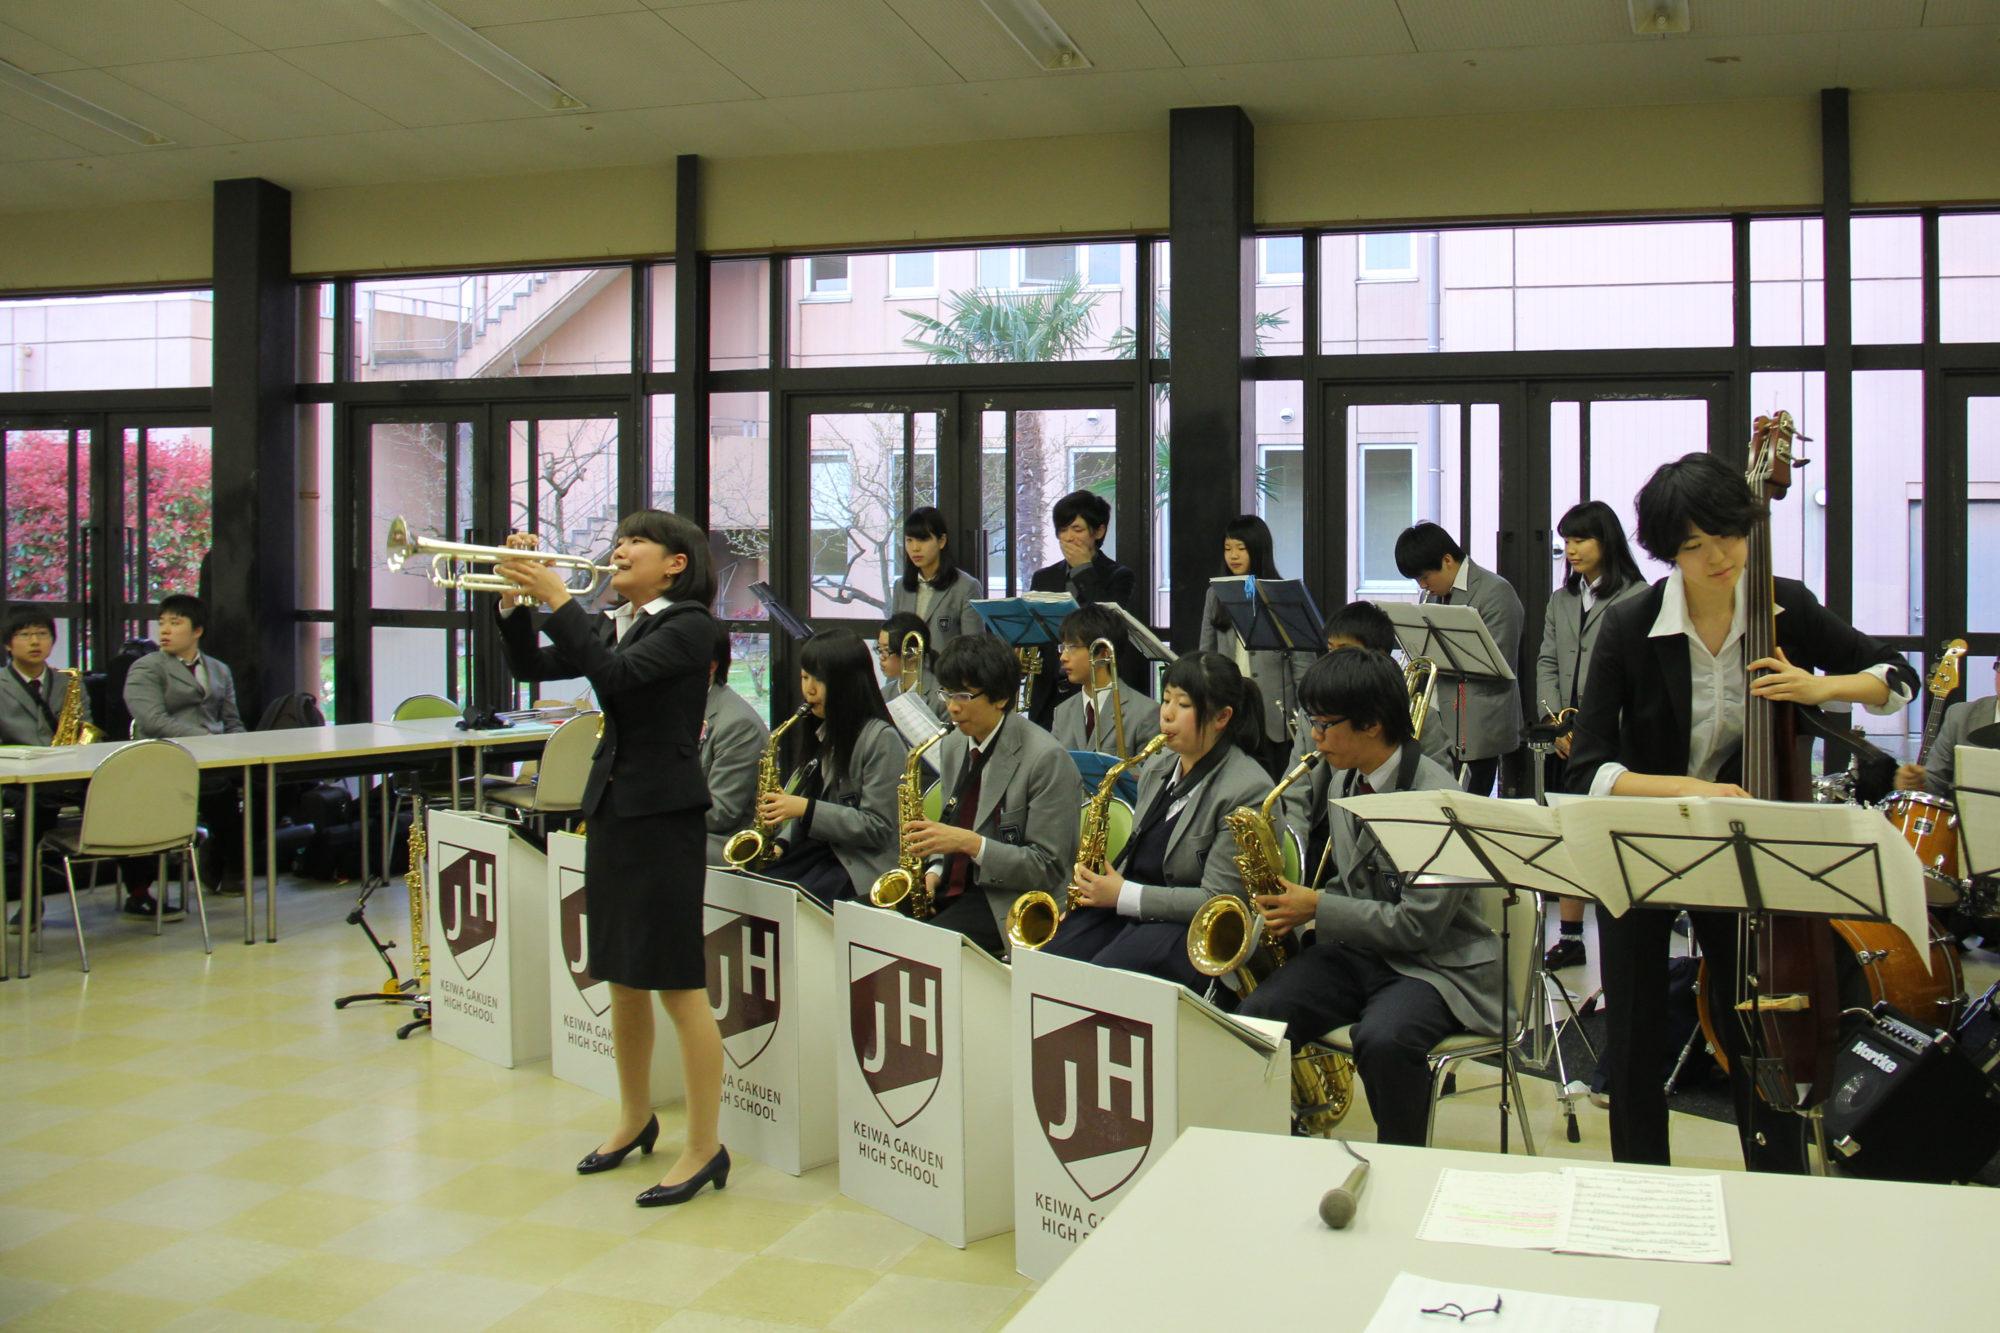 Jazzサークル「Jazz Quest」デビューコンサートを開催しました